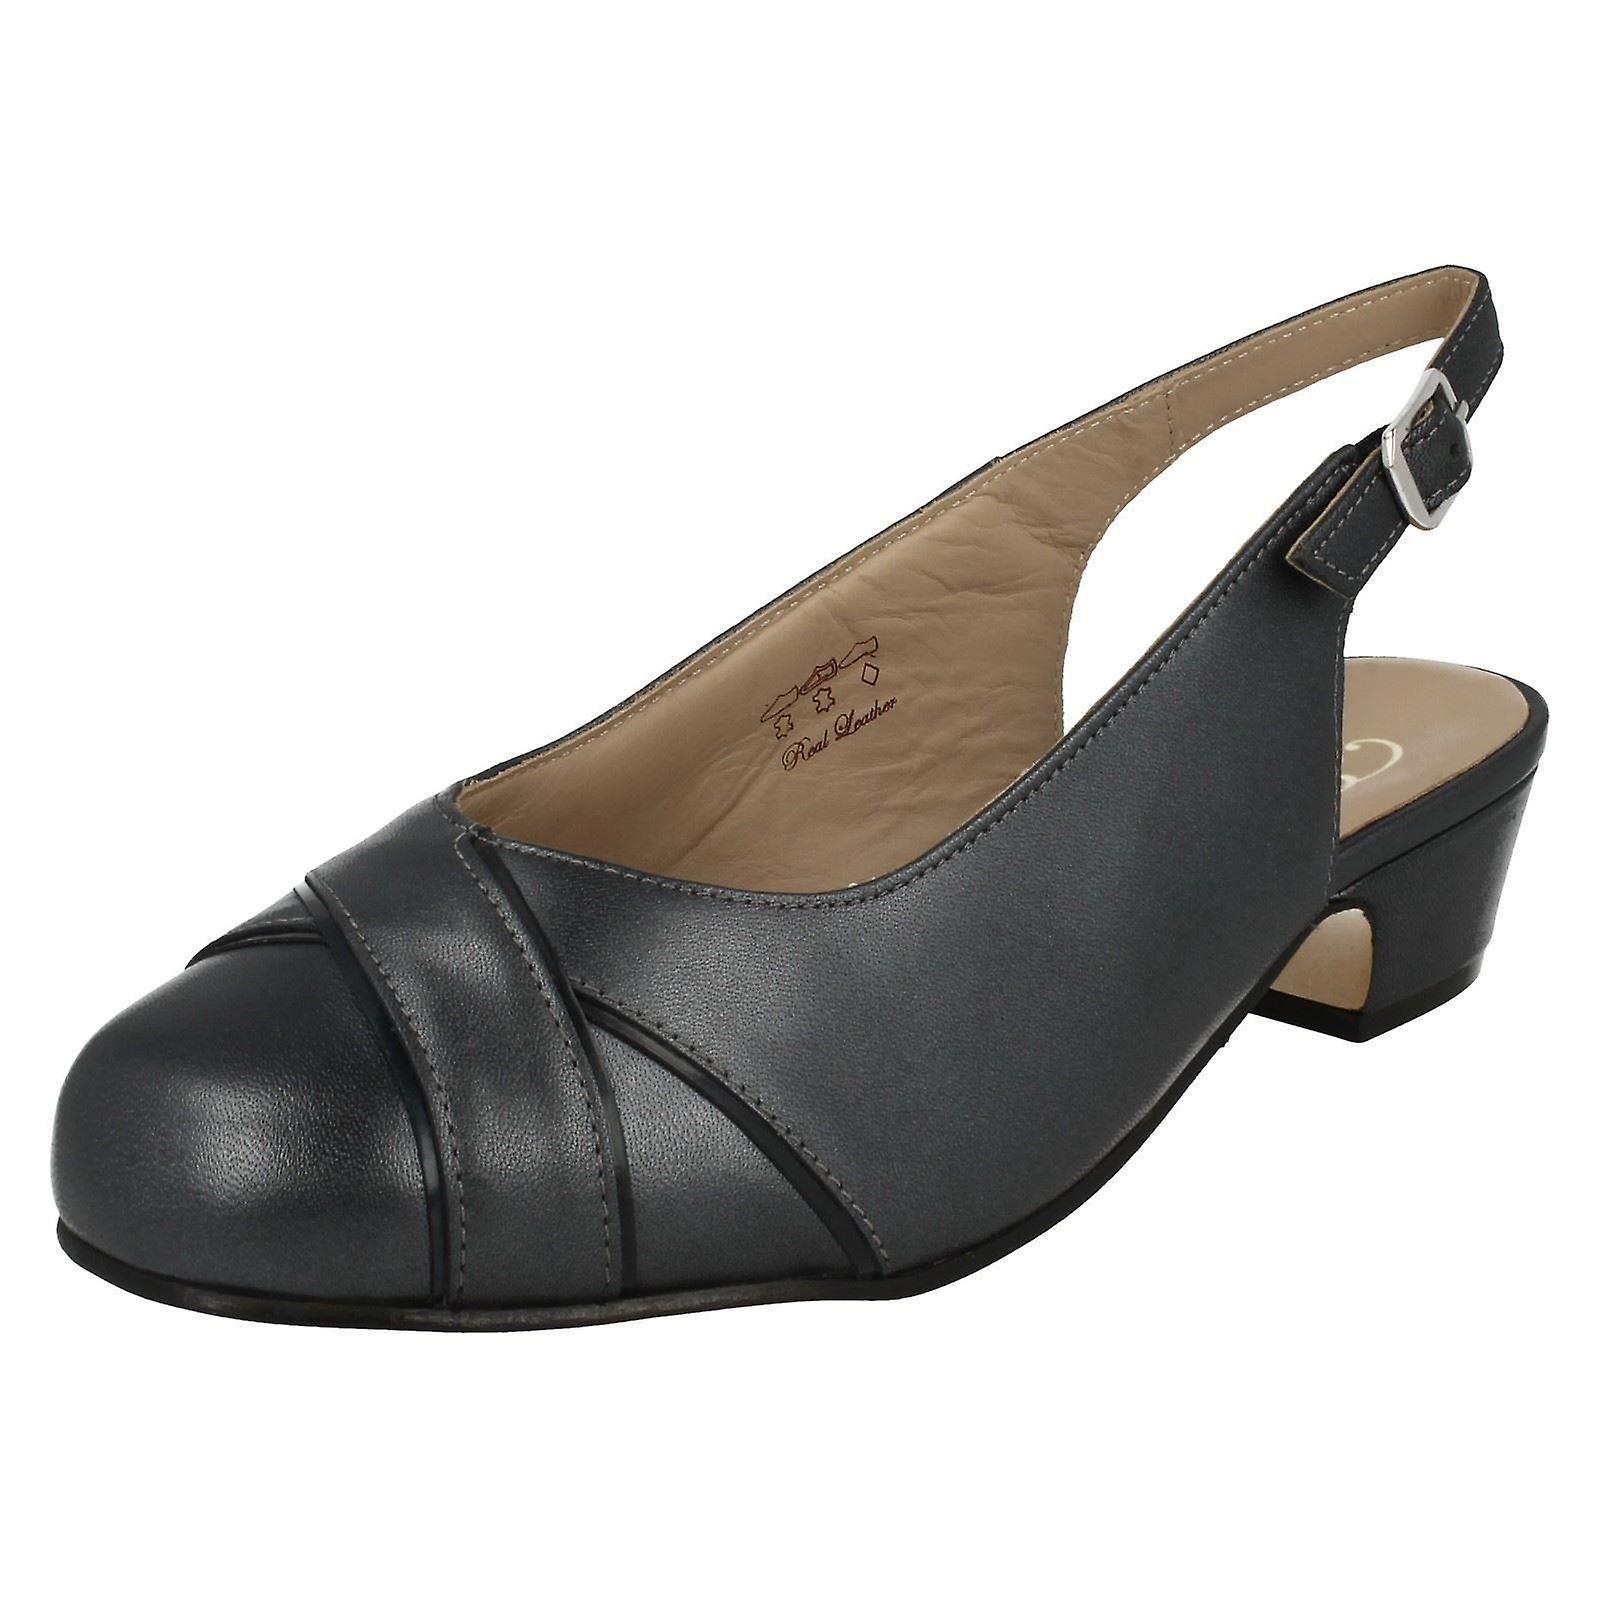 Equity scarpe plateau basso con tacco Ladies Cressy wXkN0P8OZn